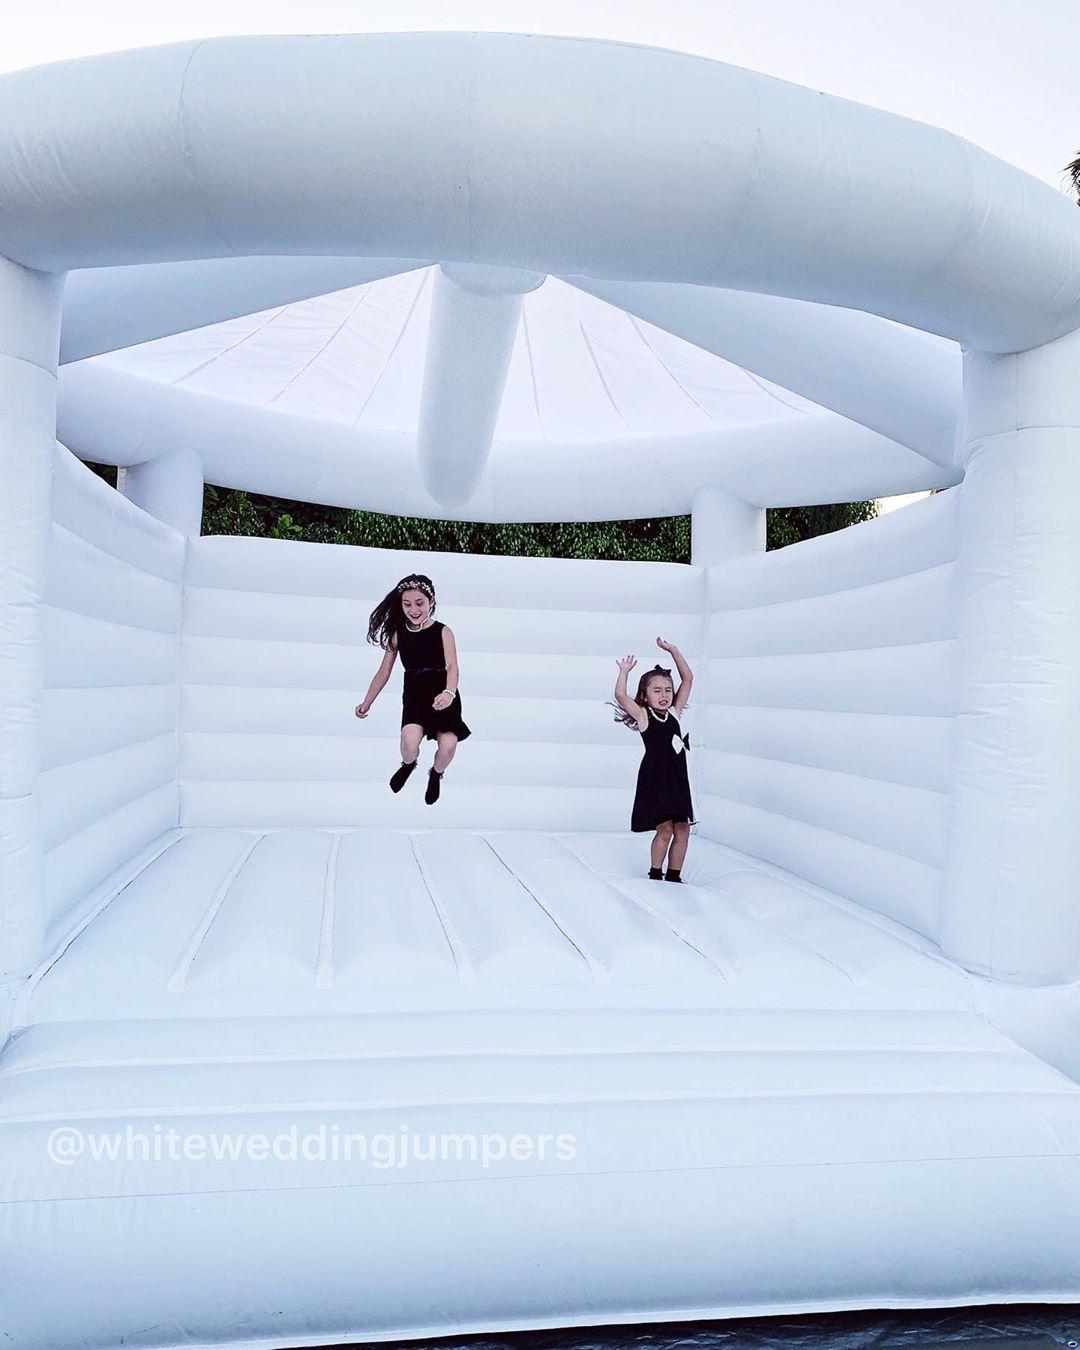 國外創新「氣墊城堡婚禮」爆紅 到場賓客「一起彈跳」畫面超嗨!